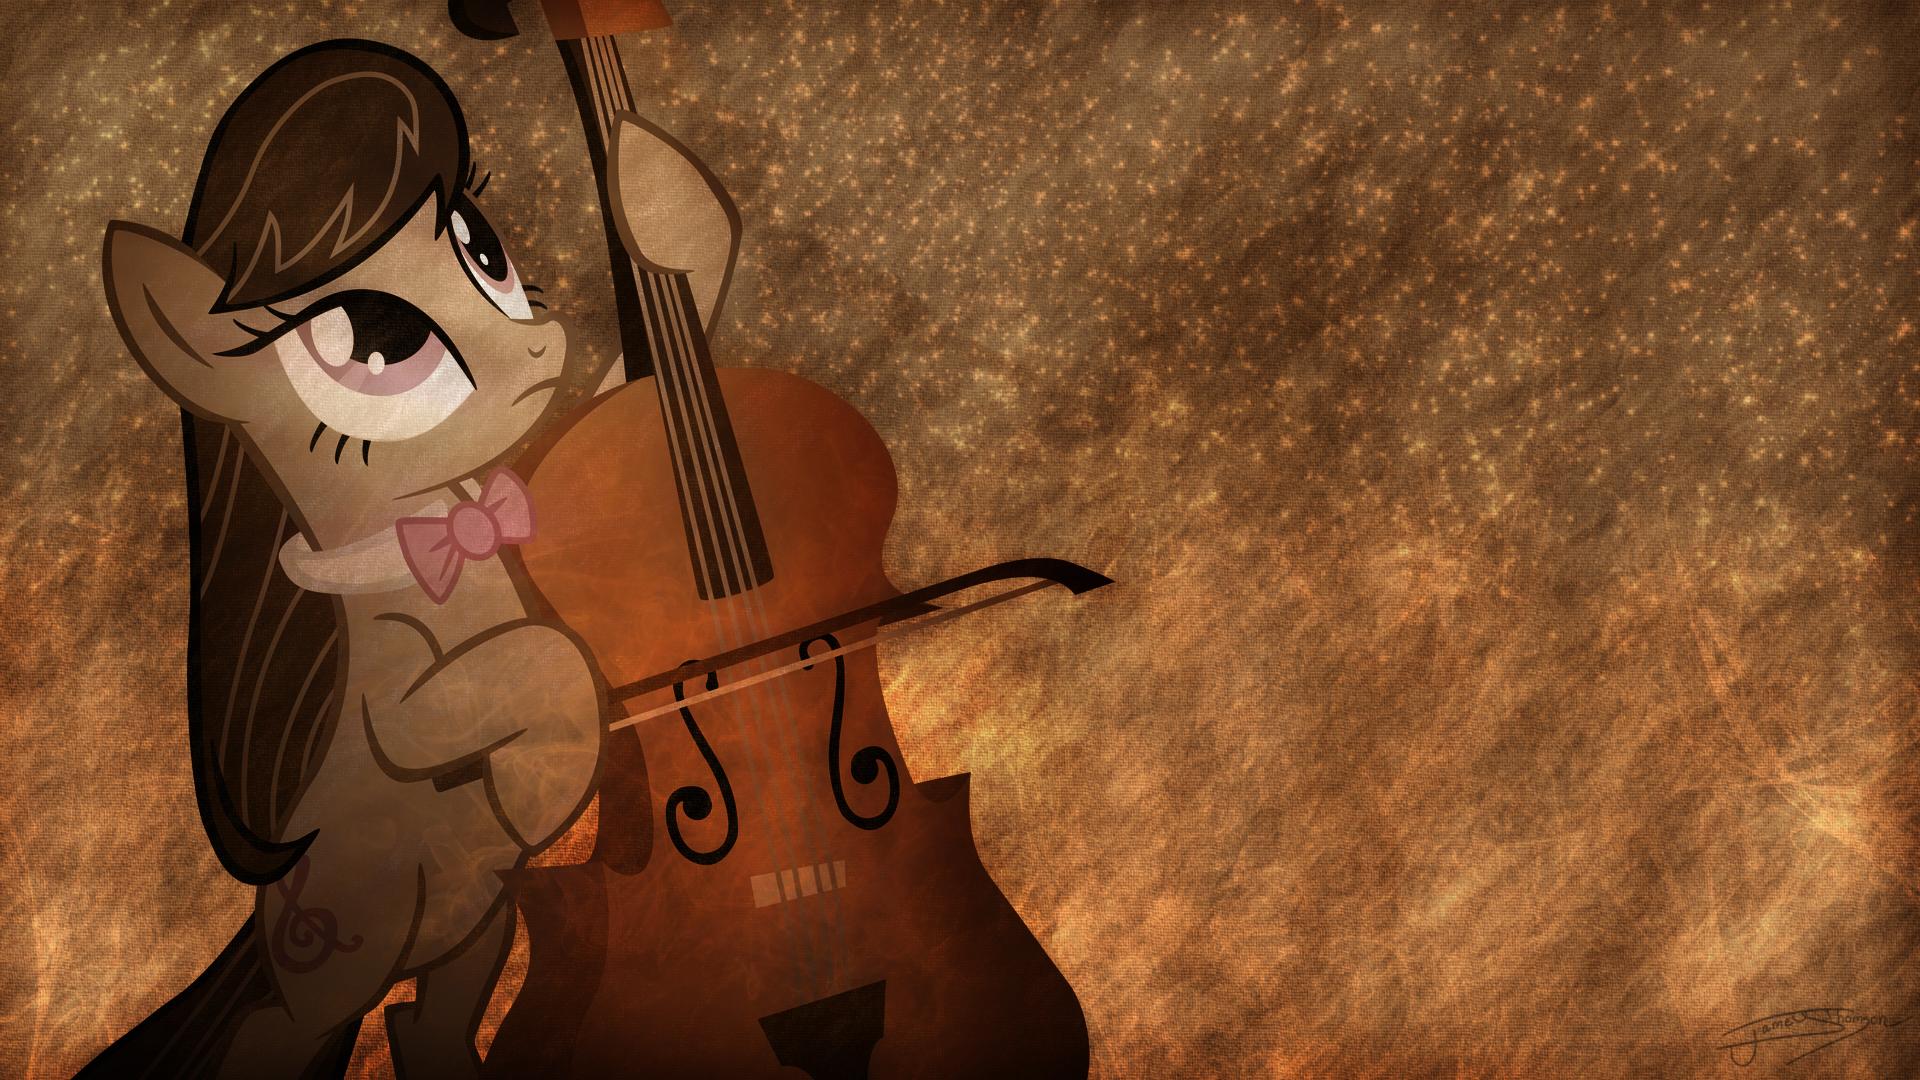 Universal Symphony by Jamey4